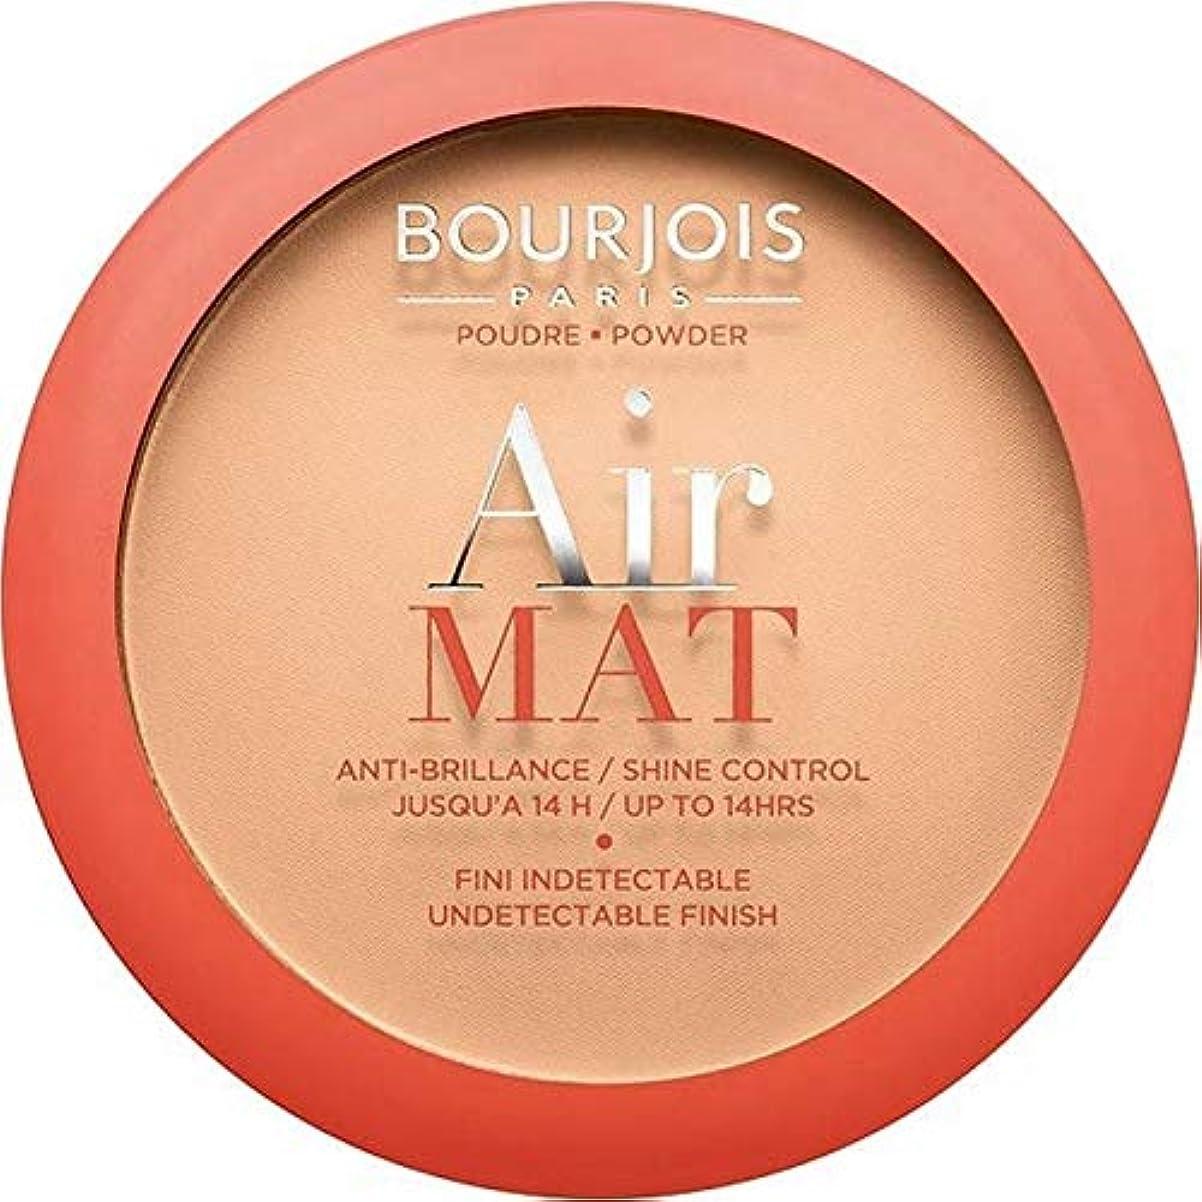 シェード内向きアーサーコナンドイル[Bourjois ] ブルジョワエアーマットは、粉末を押す - アプリコットベージュ - Bourjois Air Mat Pressed Powder - Apricot Beige [並行輸入品]